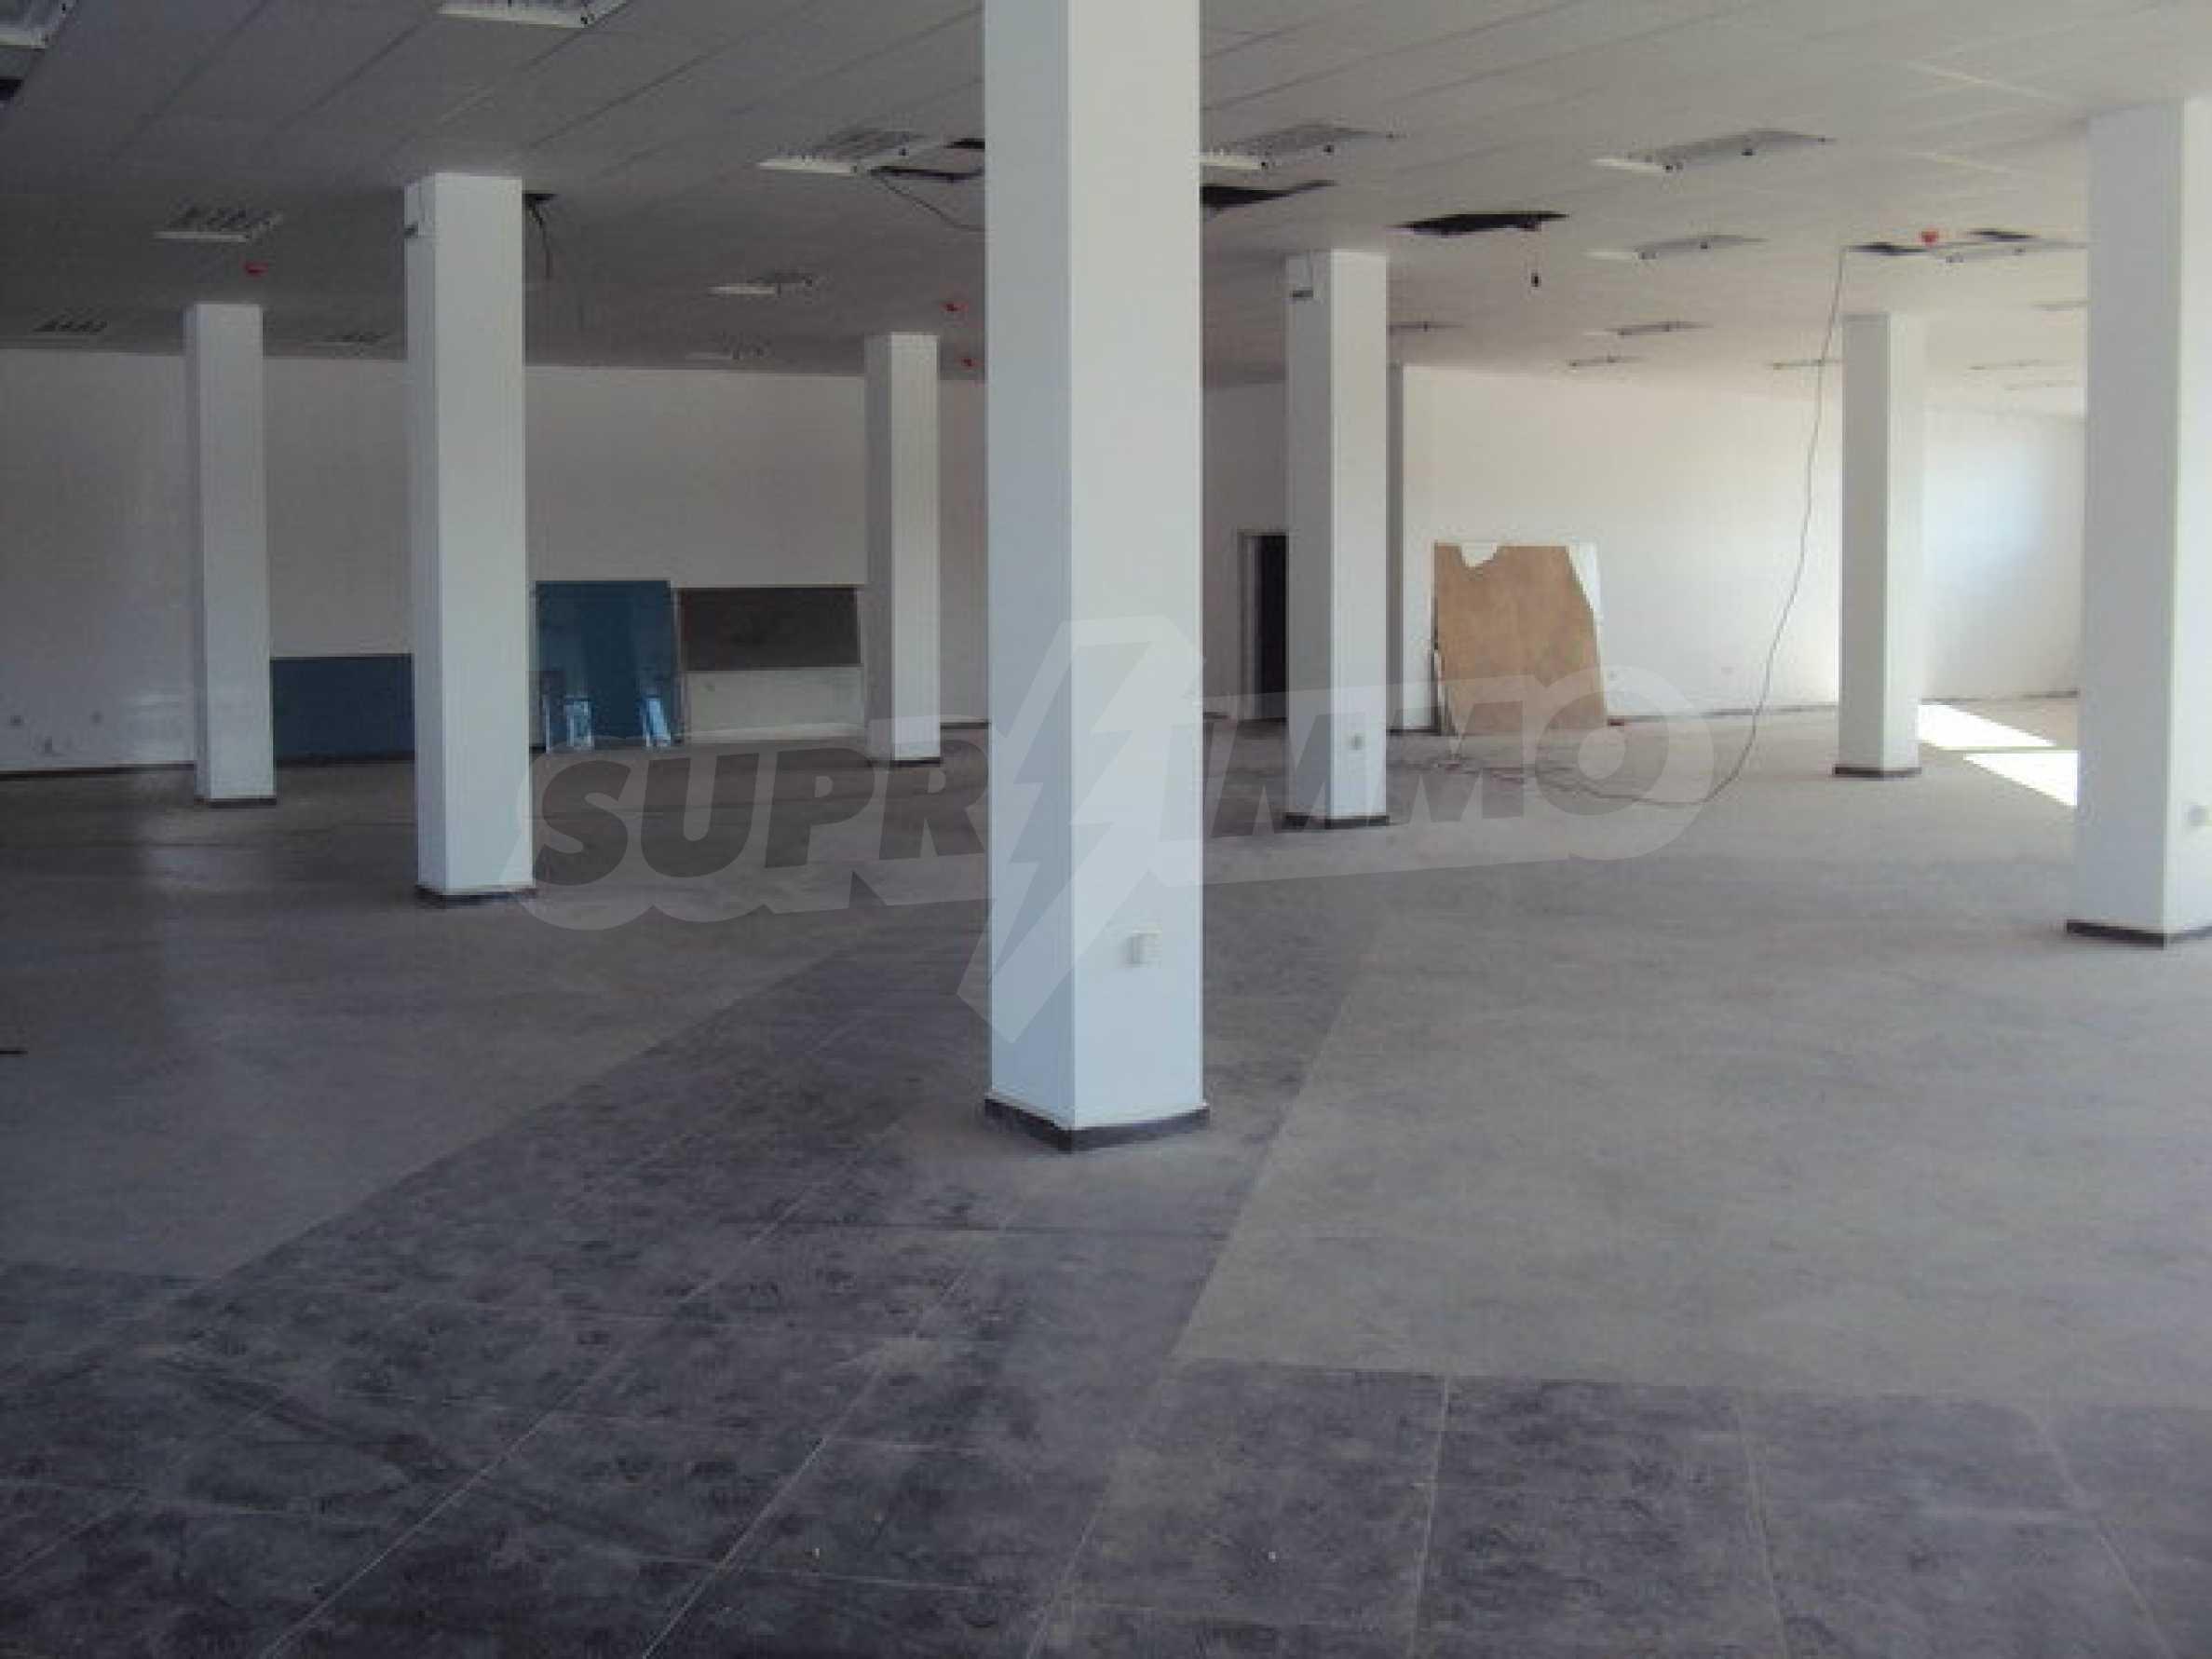 Komplex mit Geschäften, Lagern und Büros 17